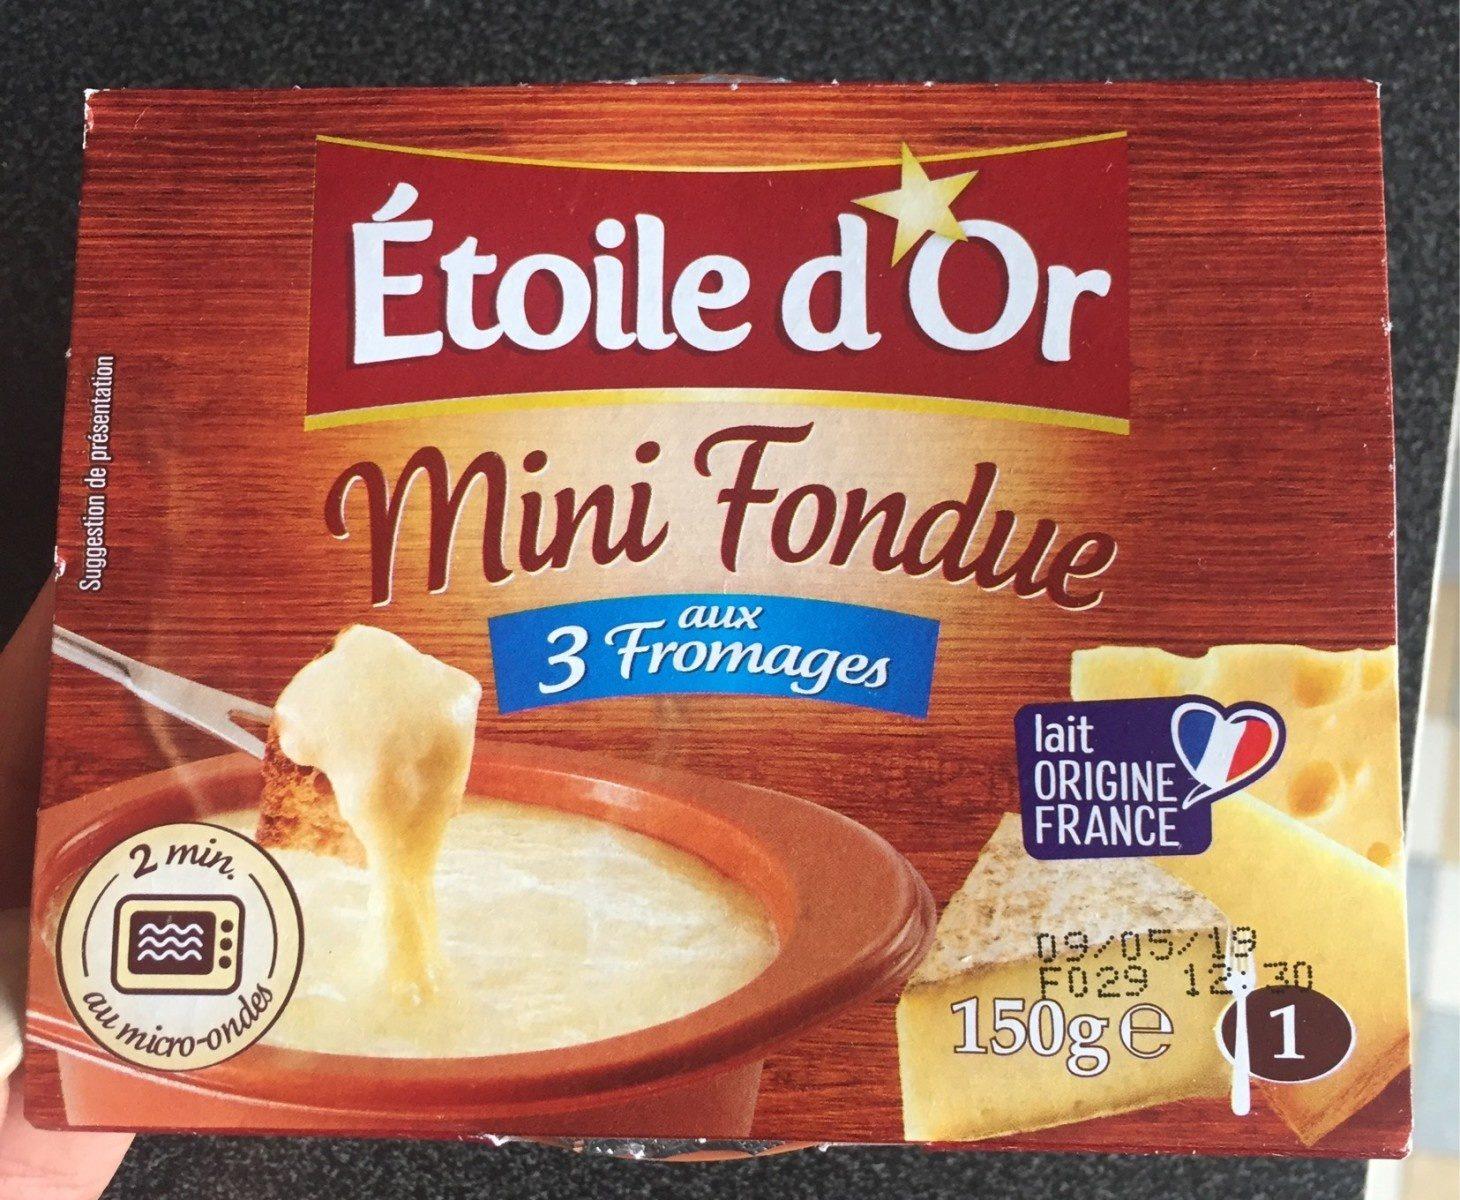 Petite Fondue - Produit - fr